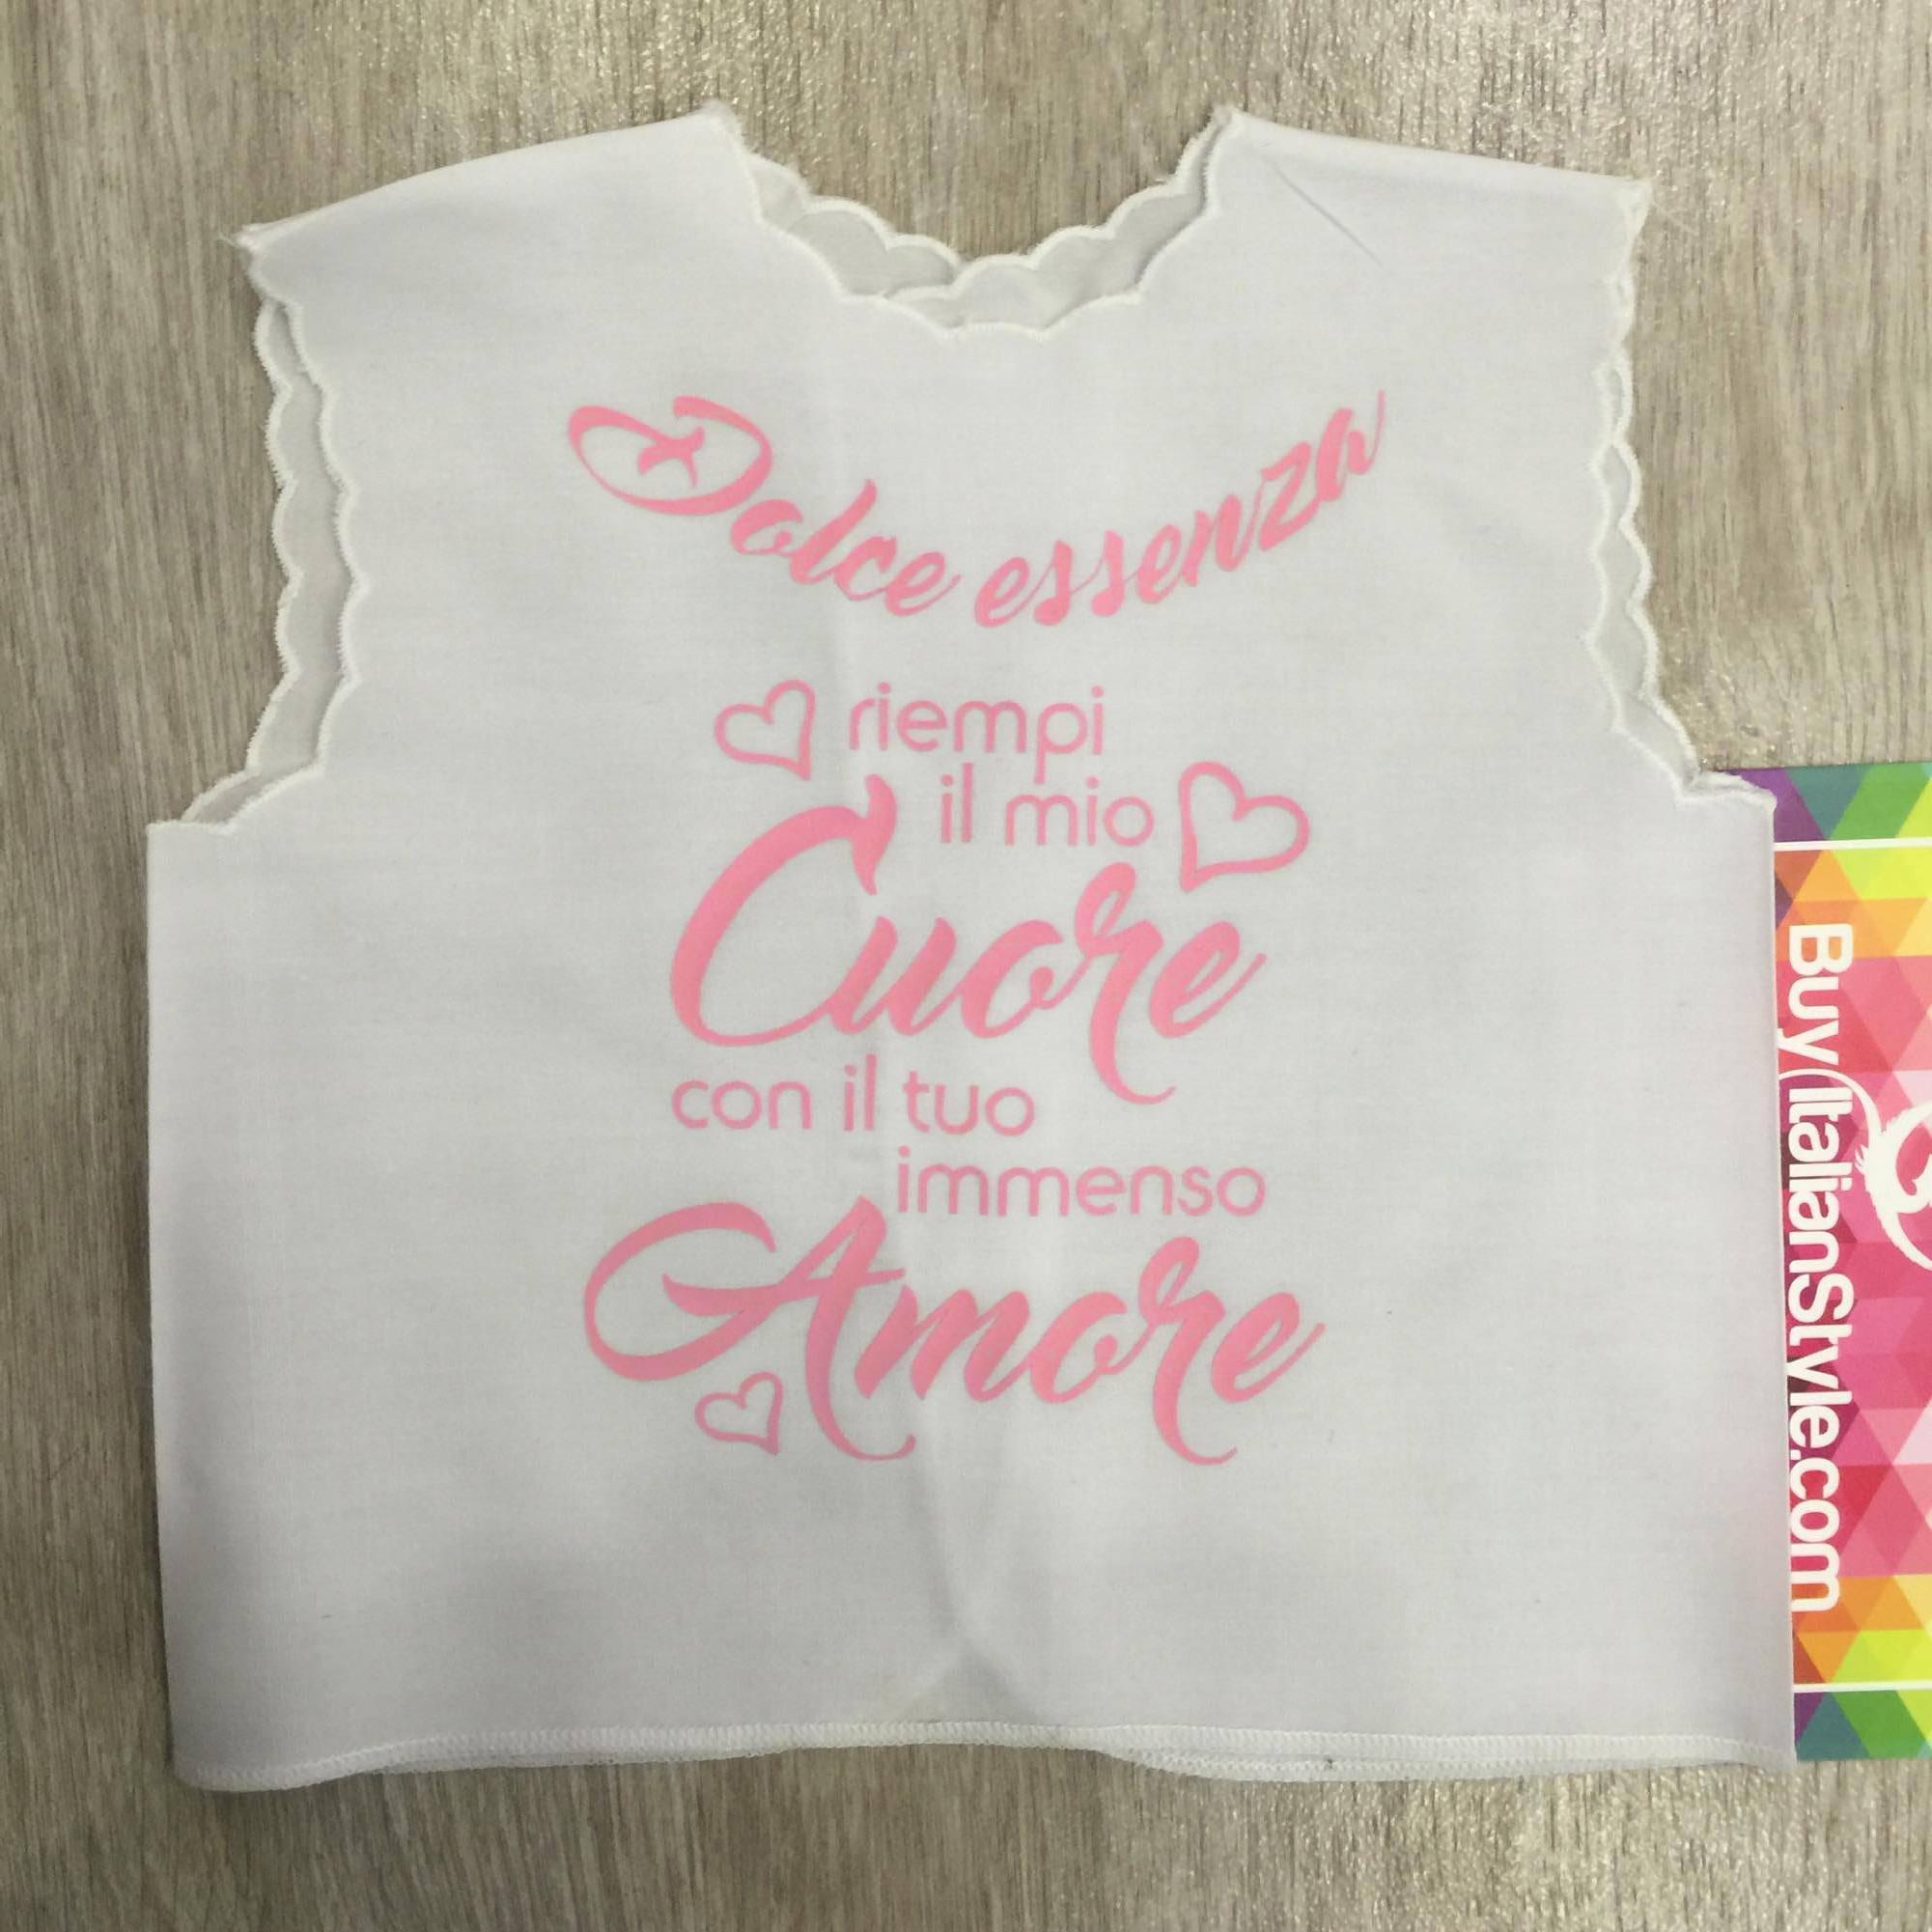 buy popular e172e 8e53a Camicina della fortuna - Dolce Amore -